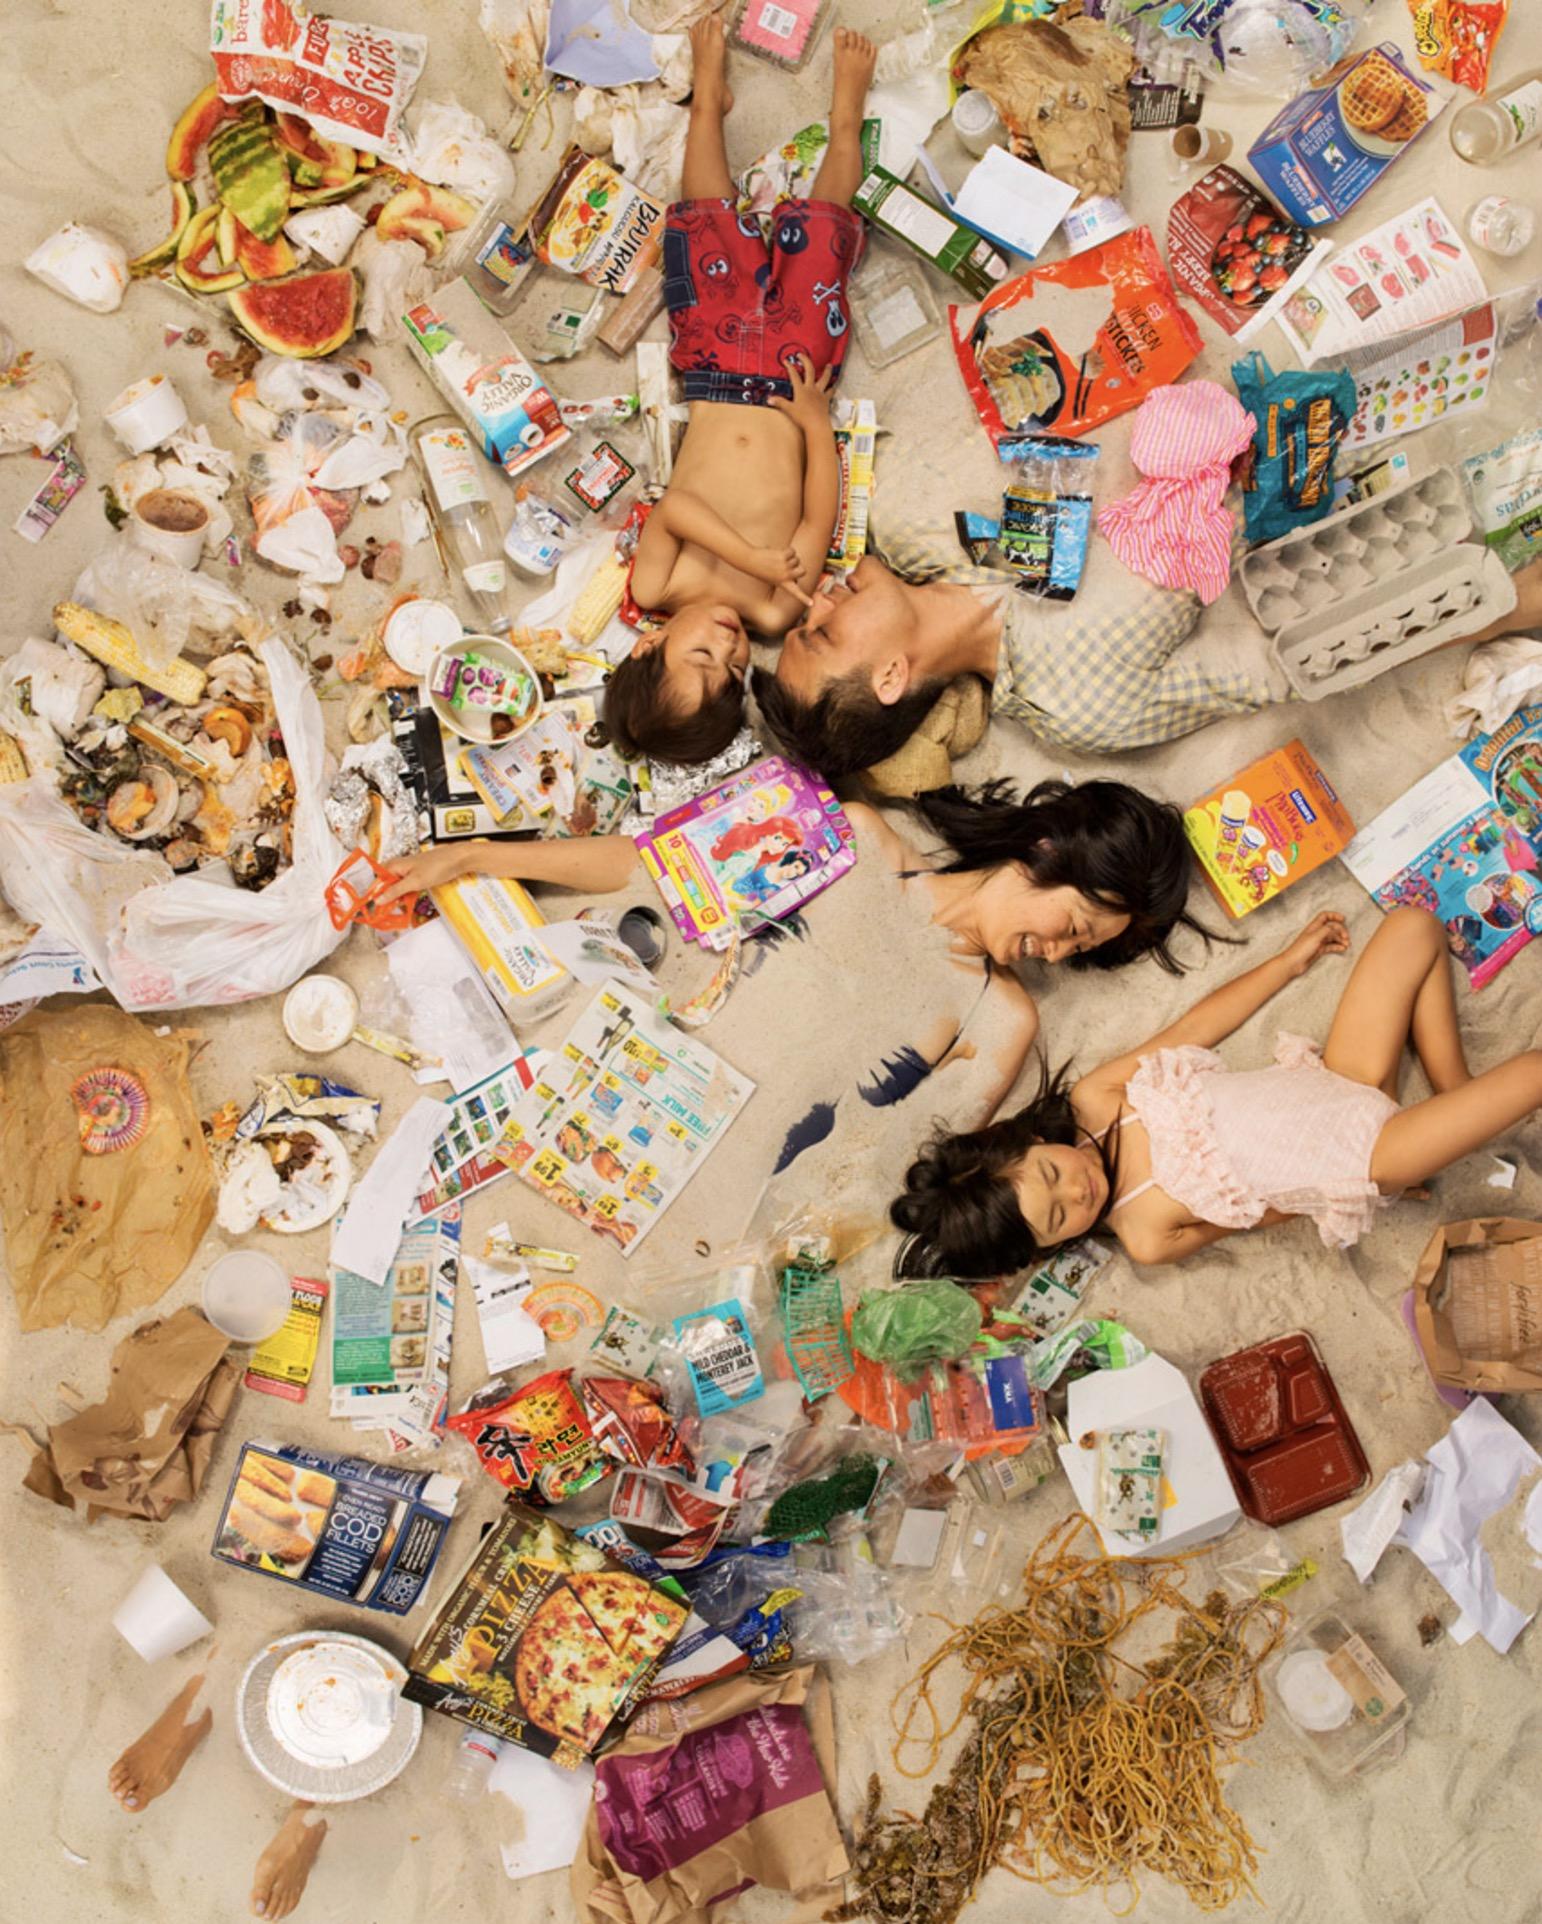 7 Days Of Garbage_Gregg Segal_organiconcrete_5